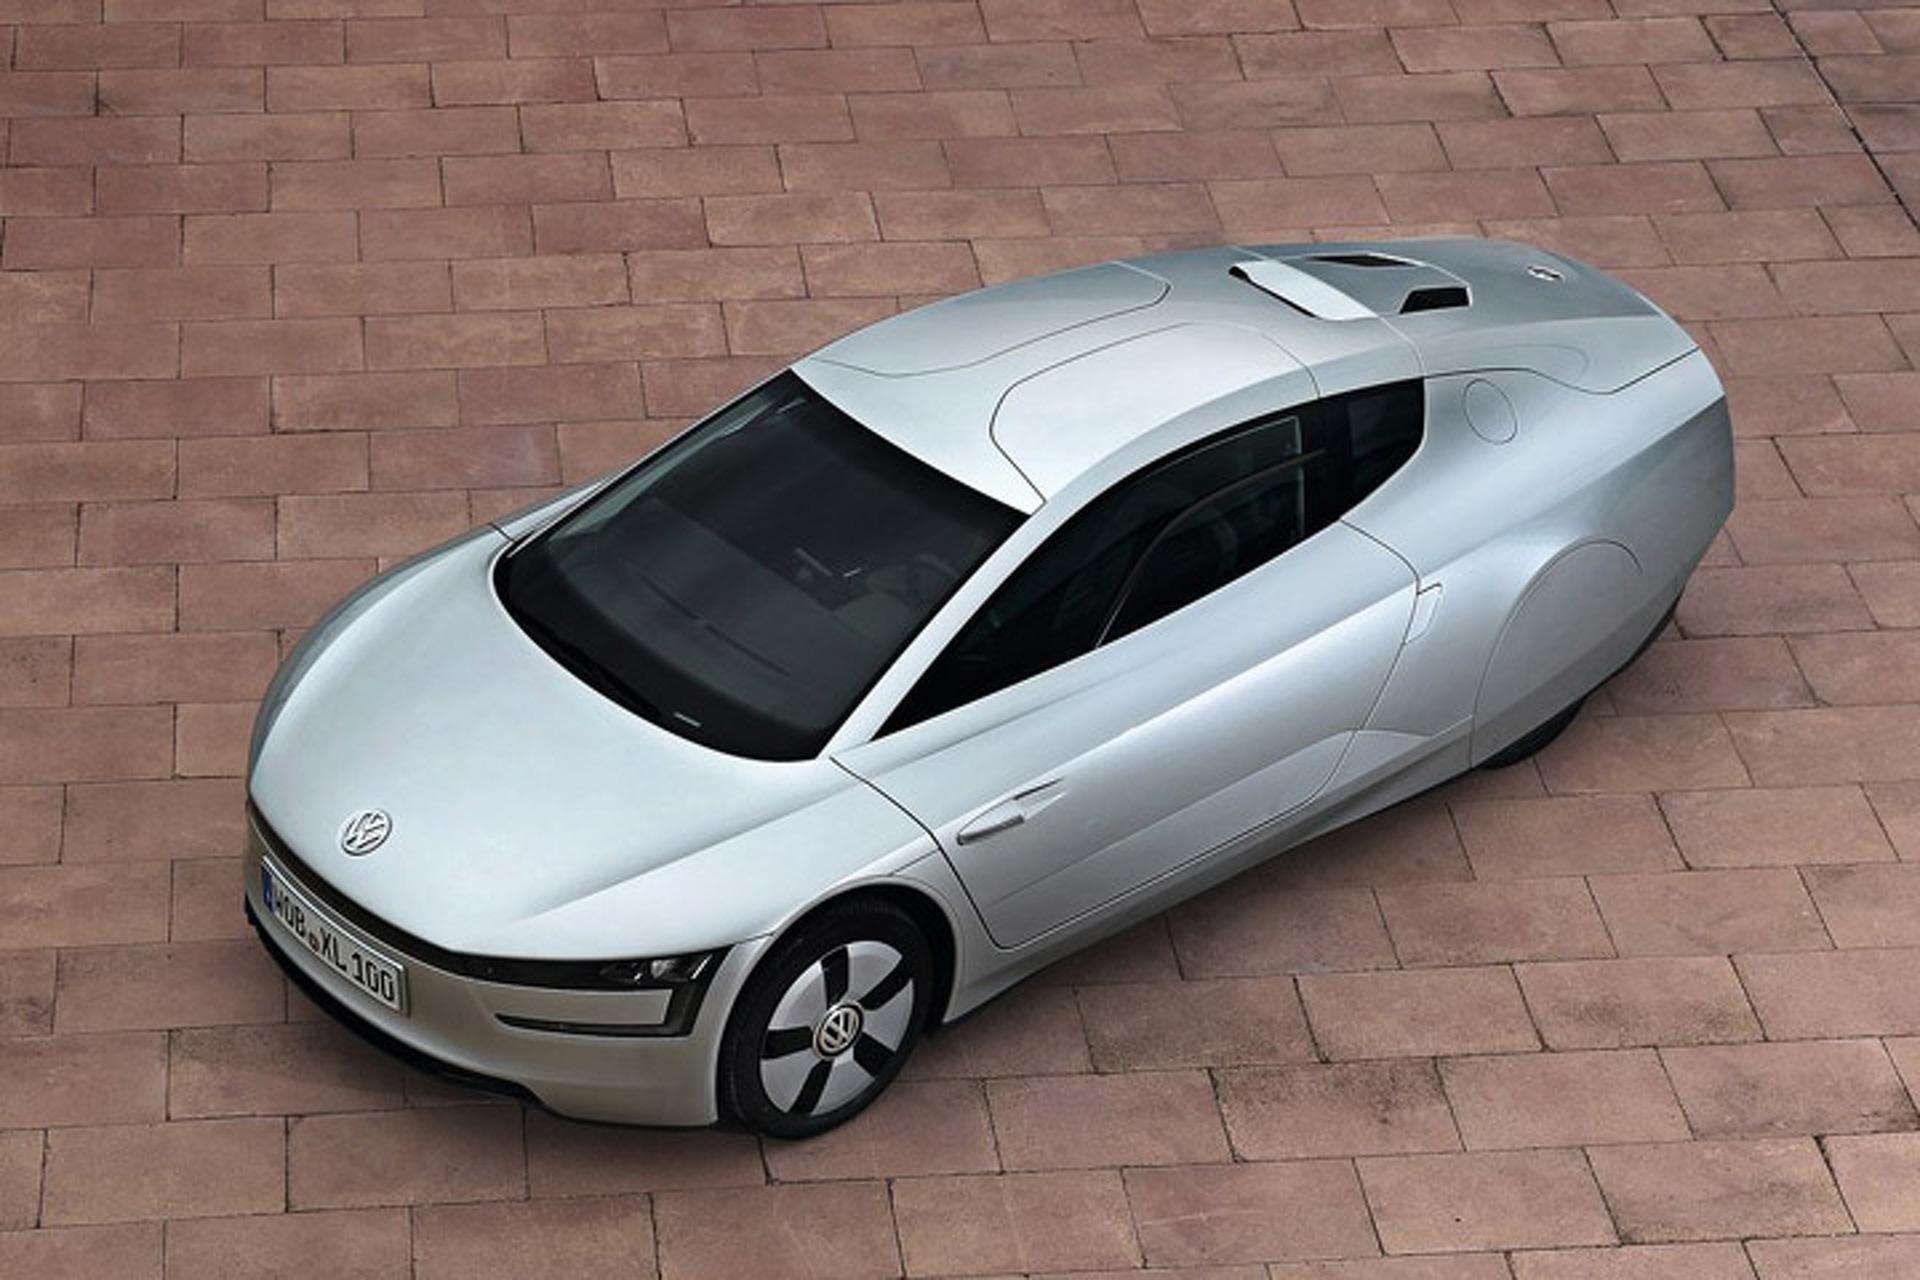 Next Volkswagen Golf Could Get an XL1 Makeover